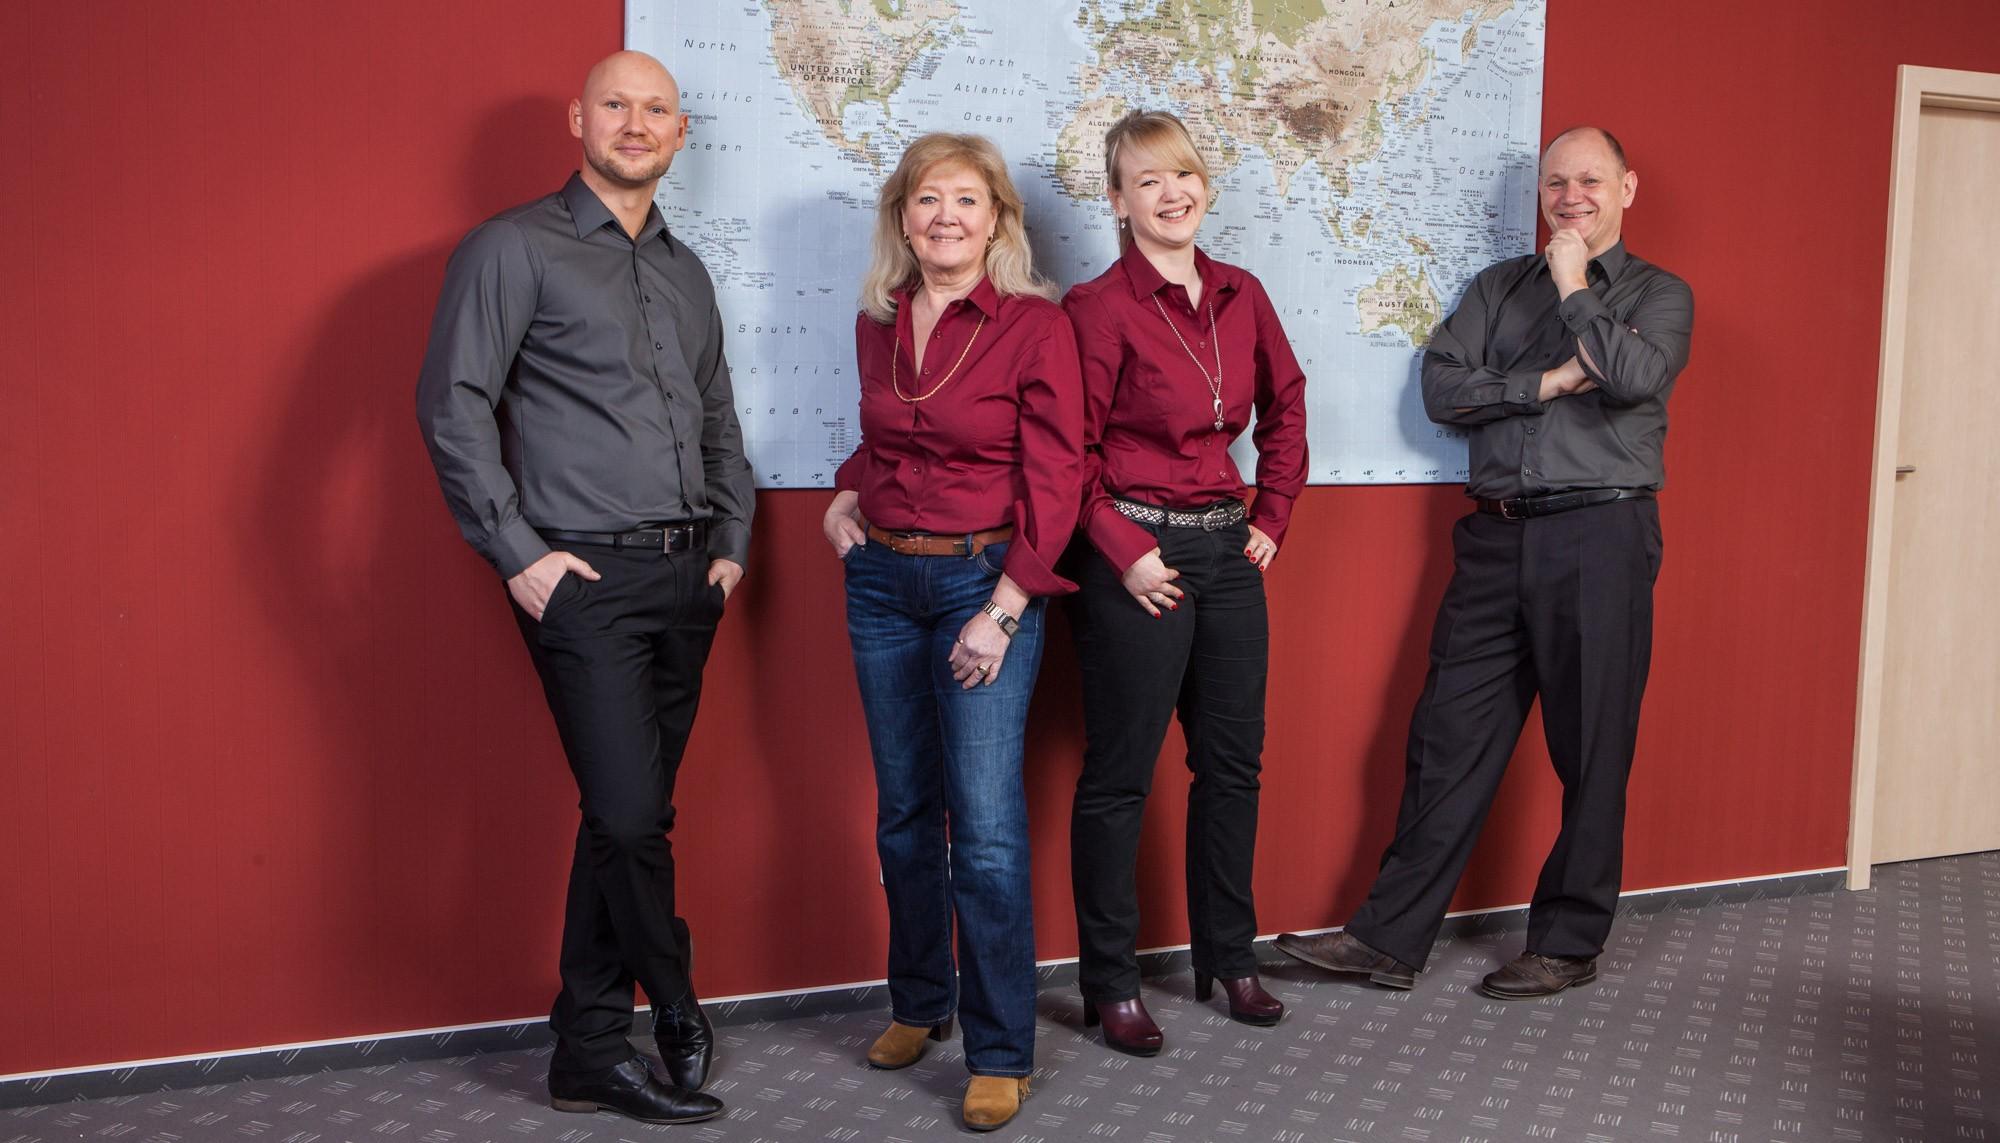 Die Fa. Armin ist ein Familienunternehmen aus Rodenbach